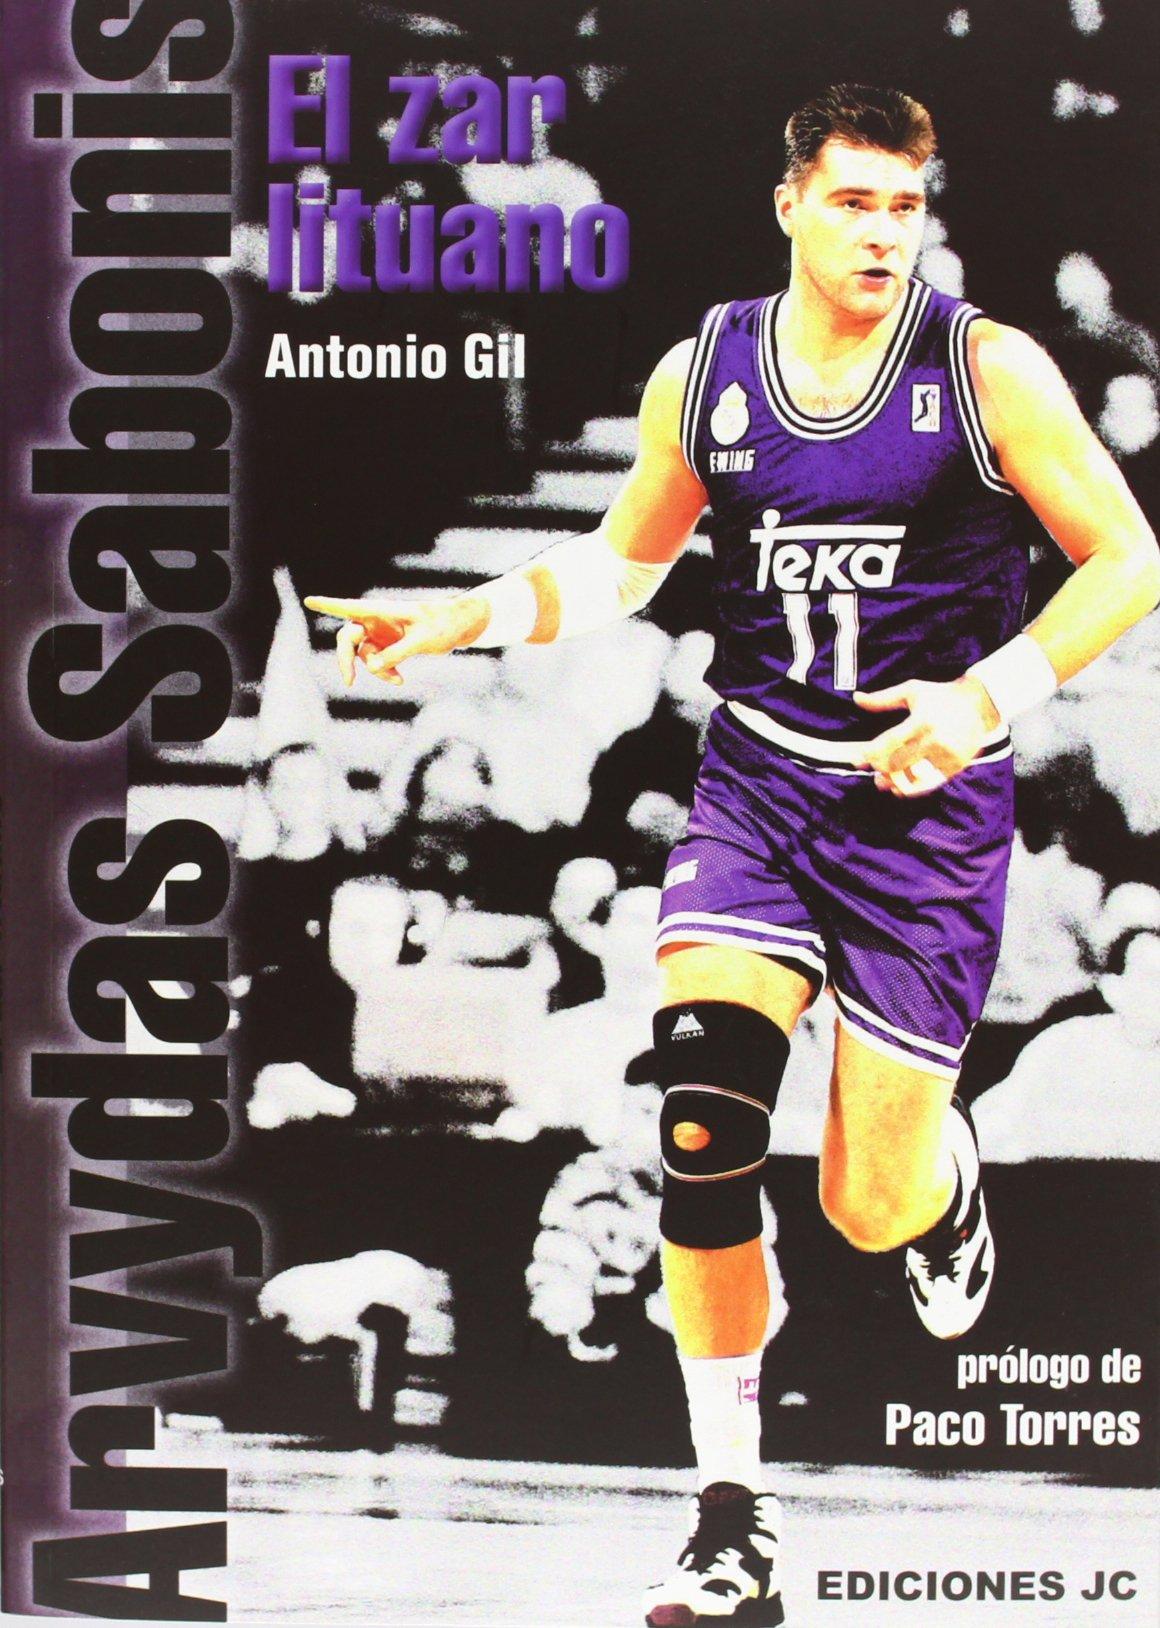 El Zar Lituano Baloncesto para leer: Amazon.es: Antonio Gil García: Libros